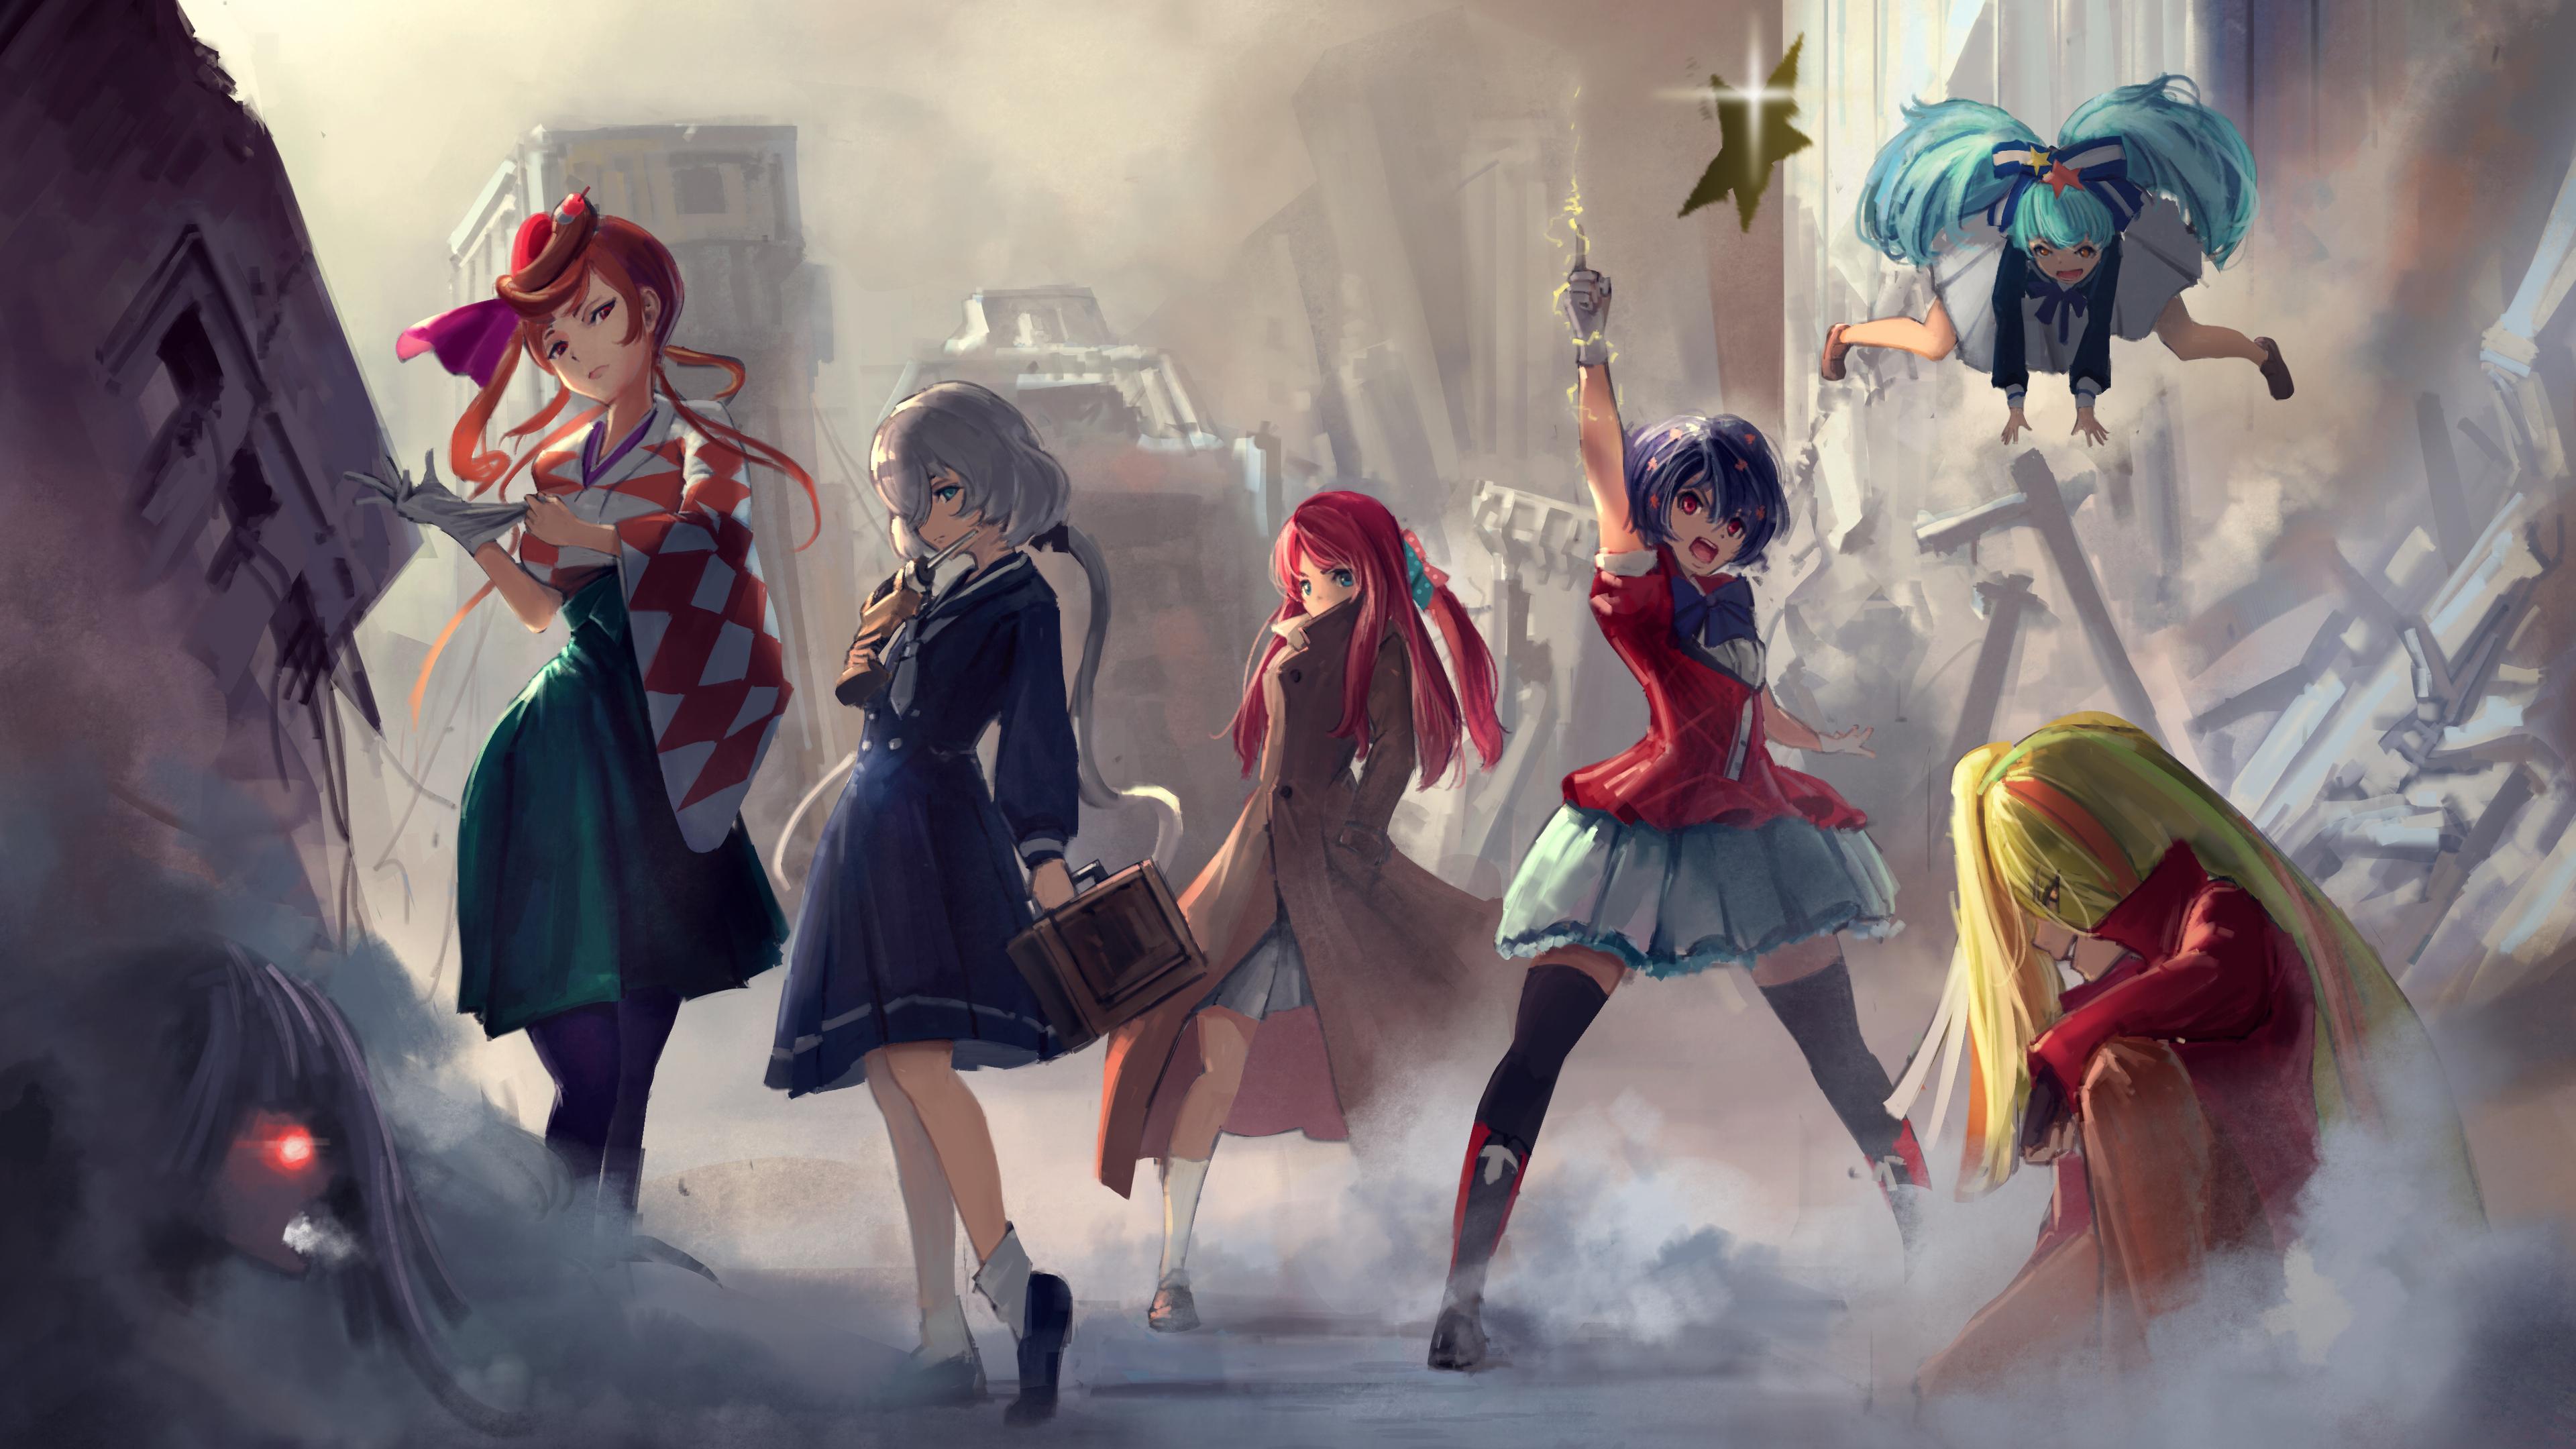 3840x2160 Anime Saga 4k HD 4k Wallpapers, Images ...